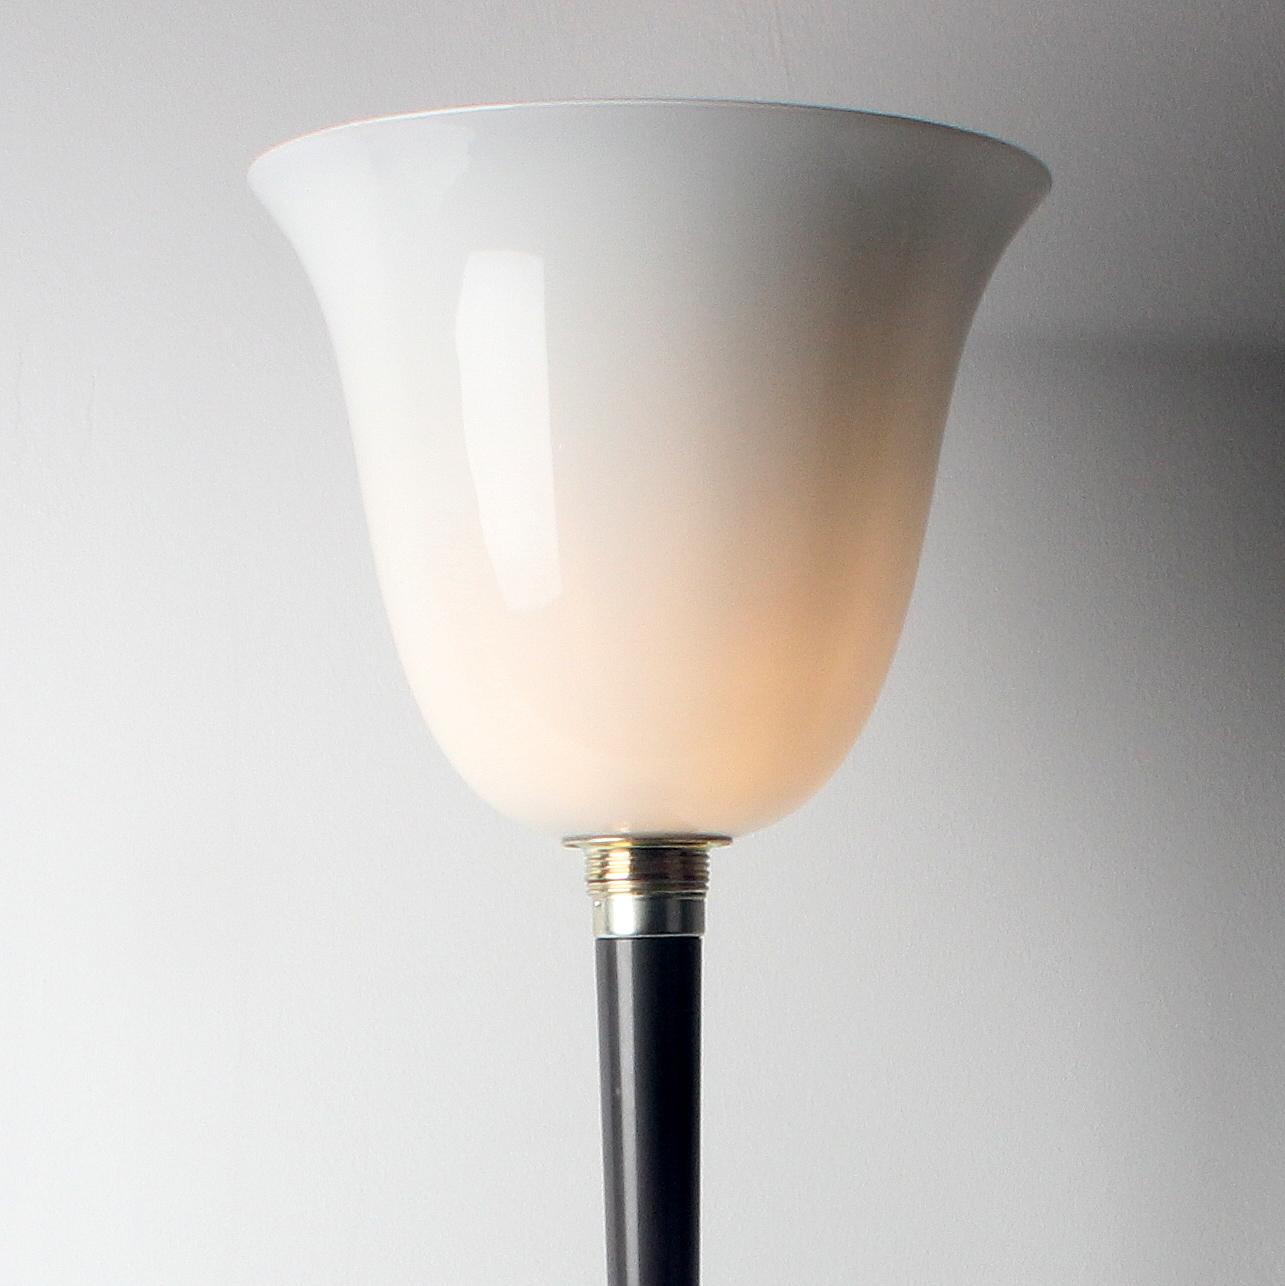 stehlampe mit glas lampenschirm textilkabel schwarz mit fussschalter und stecker 4 radio. Black Bedroom Furniture Sets. Home Design Ideas